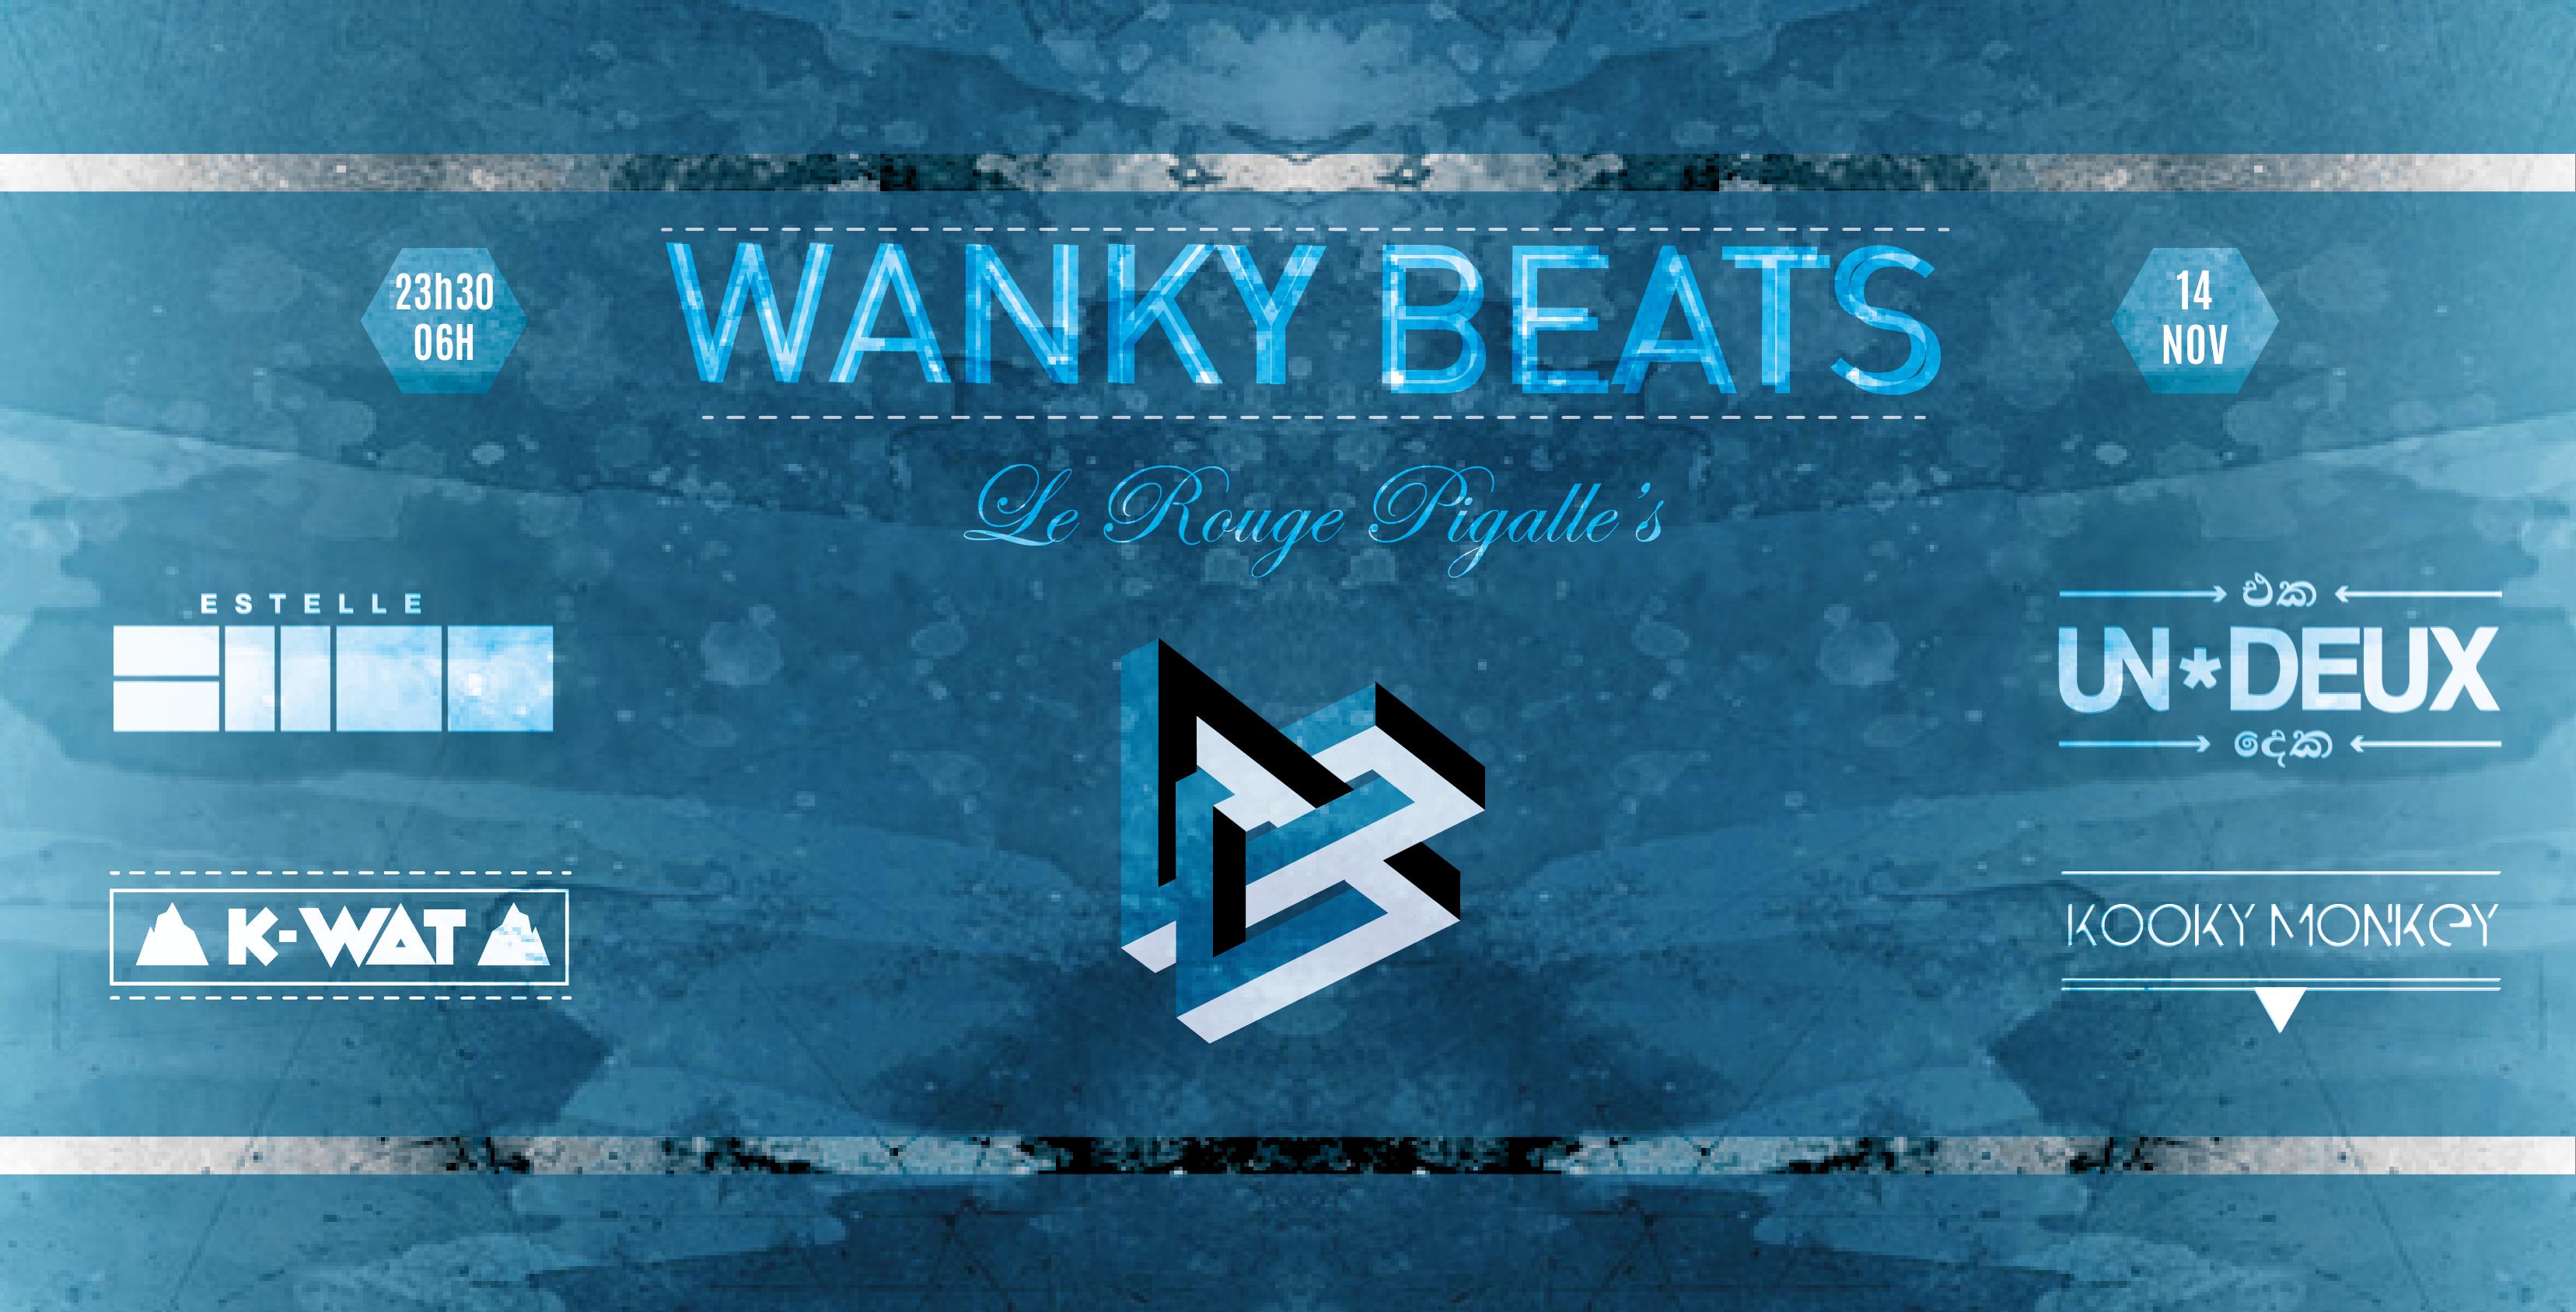 Concours : 2×2 places pour WANKY BEATS w/ UN*DEUX, Estelle CHOO, Kooky Monkey & K-Wat